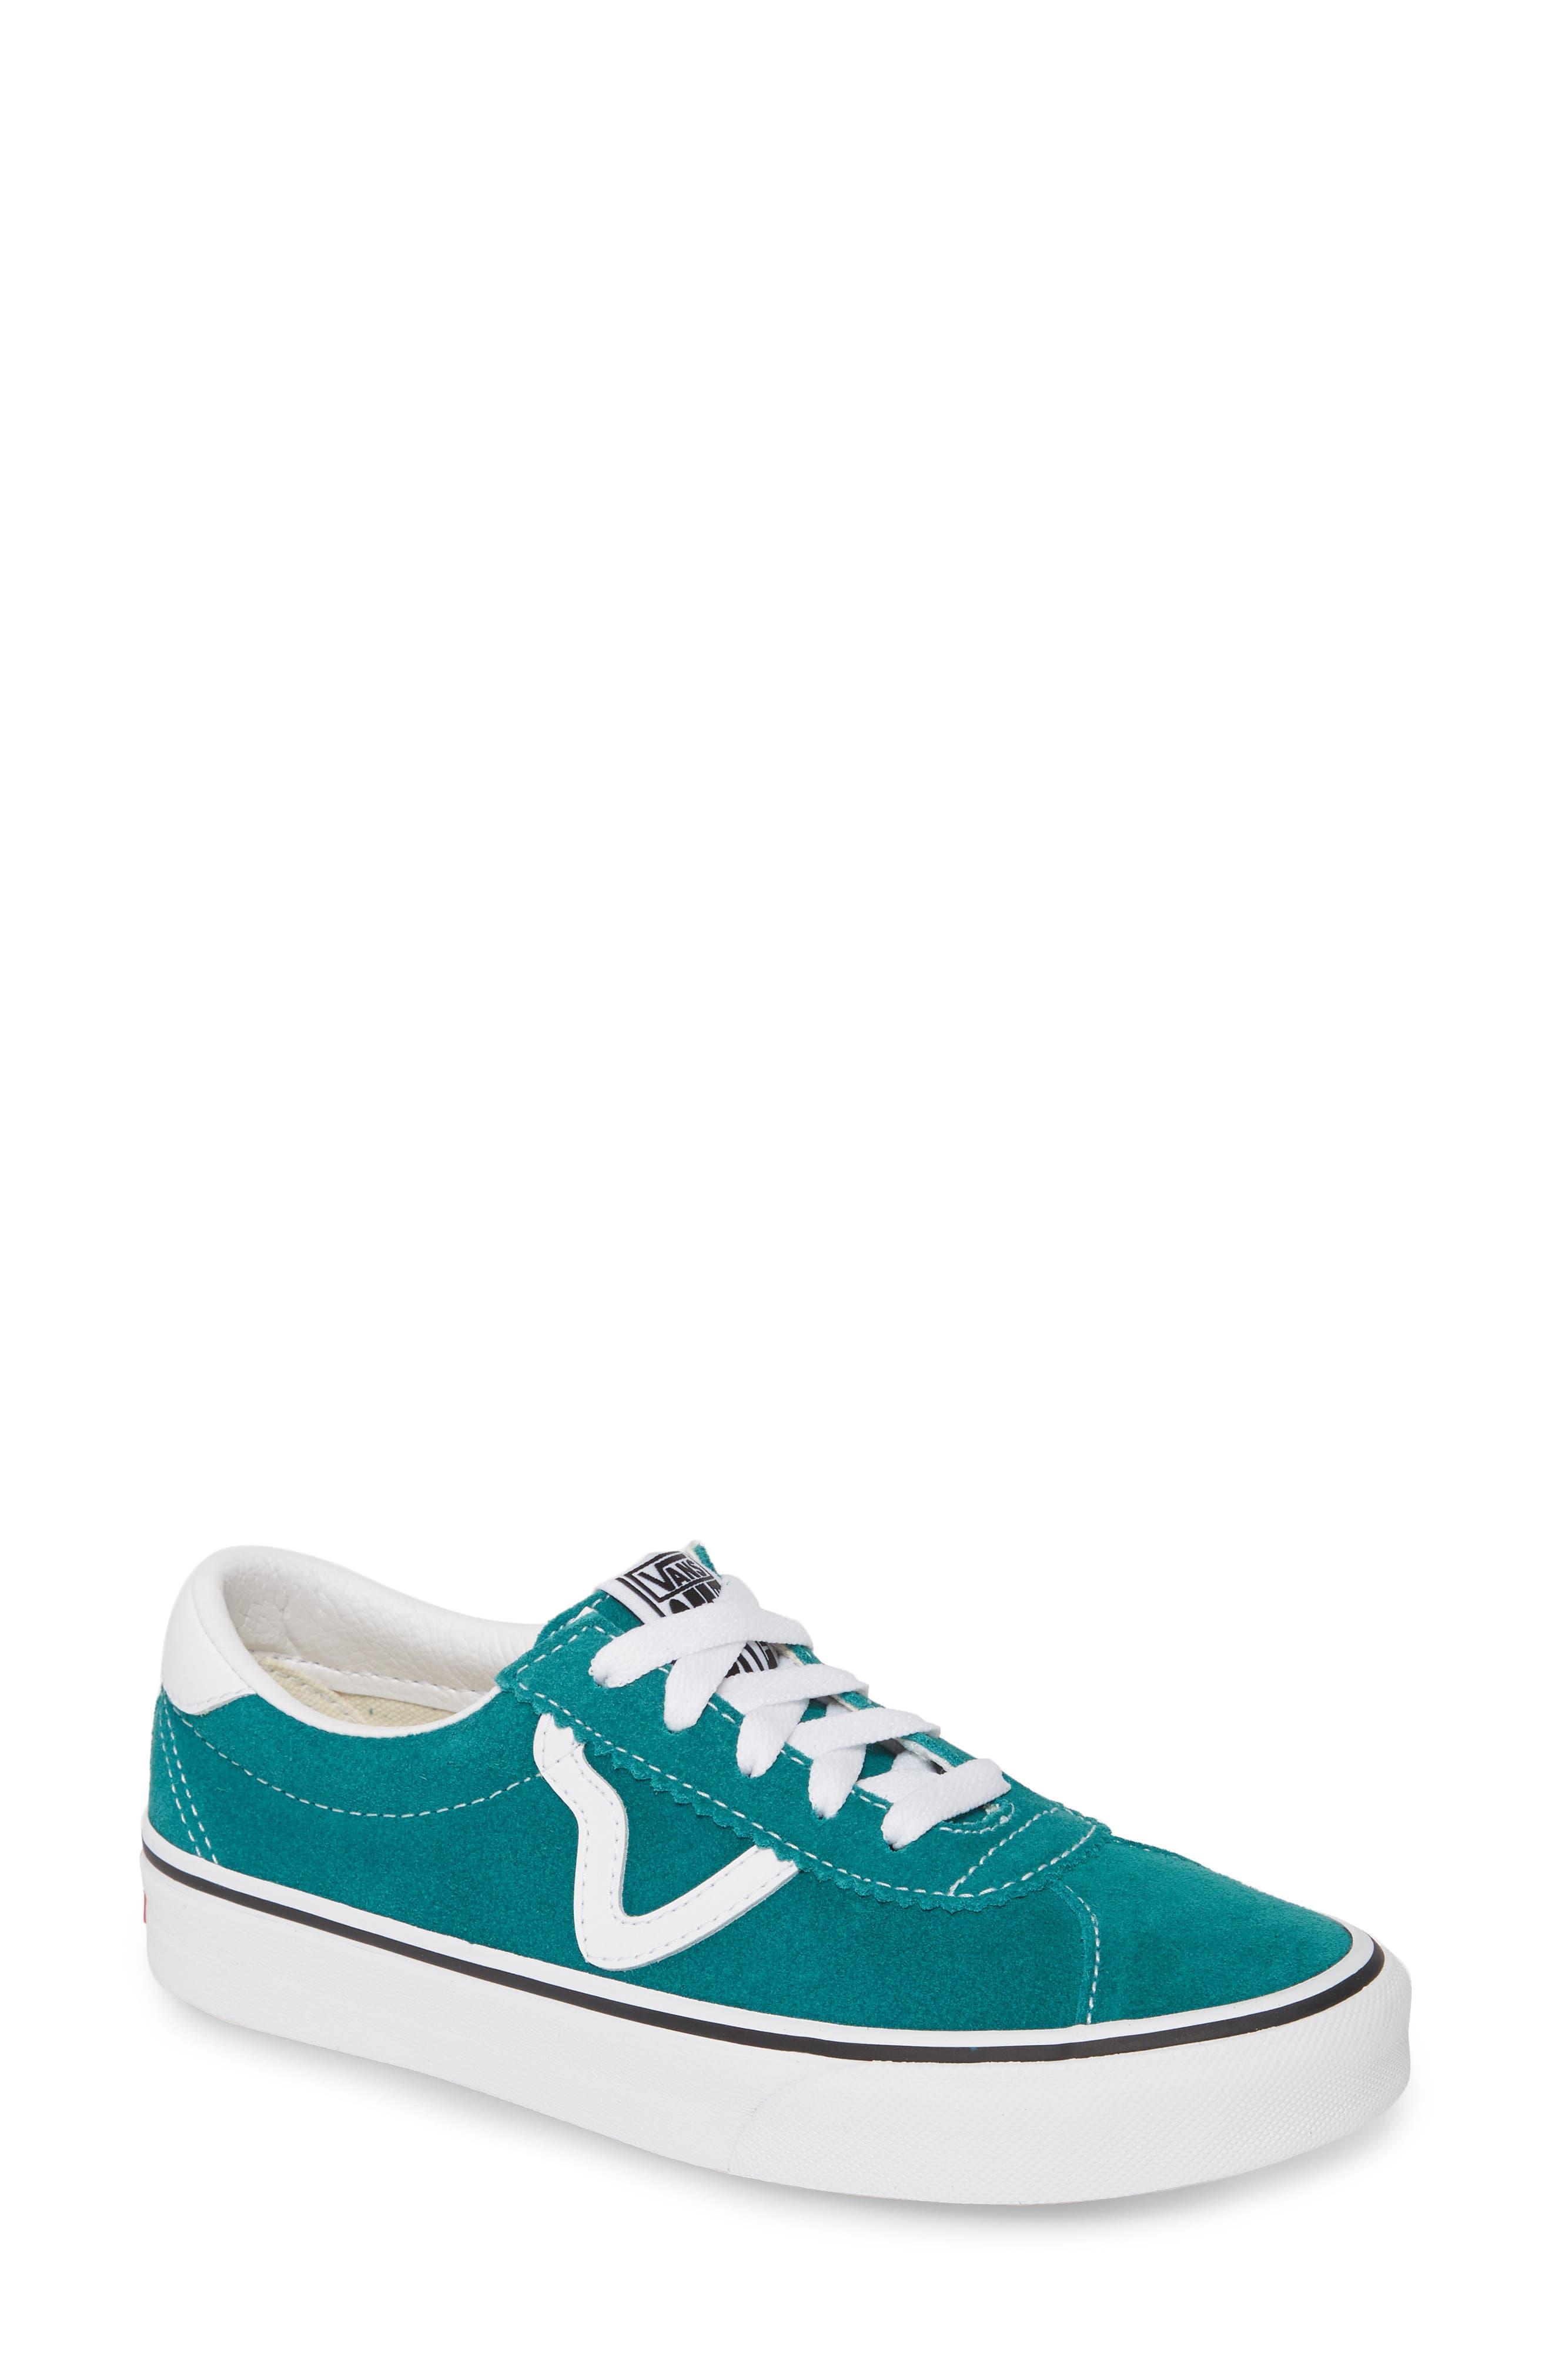 Vans Sport Low Top Sneaker- Green